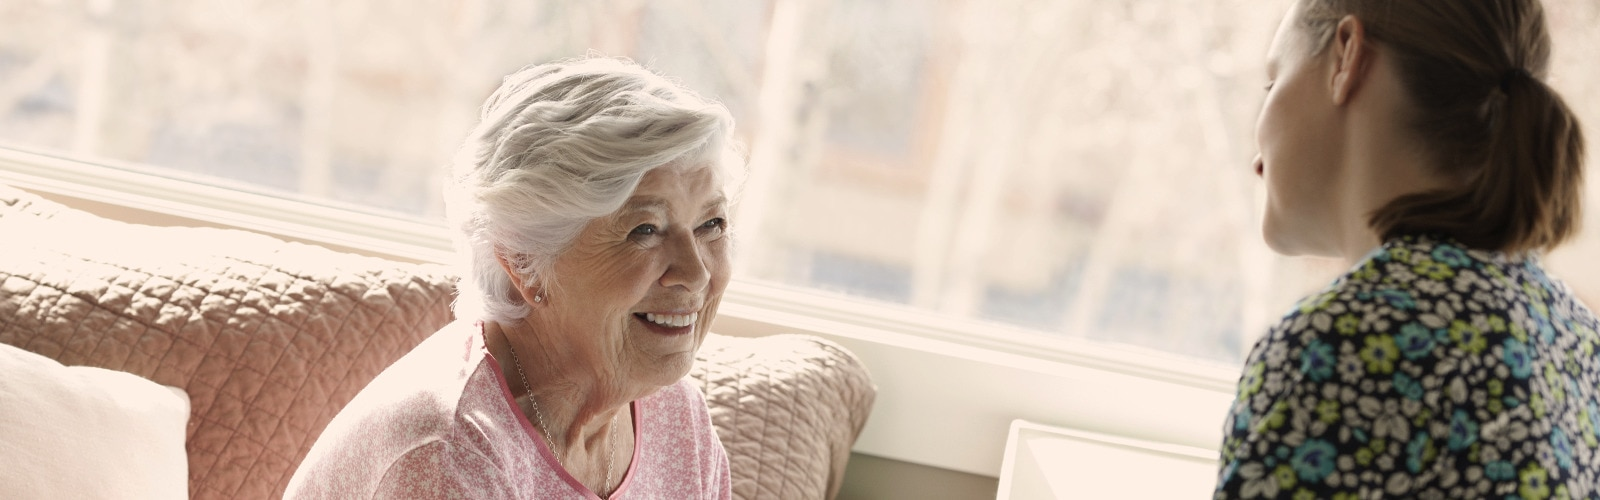 Mlajša ženska in starejša gospa se pogovarjata – izvedite, kaj povzroča inkontinenco